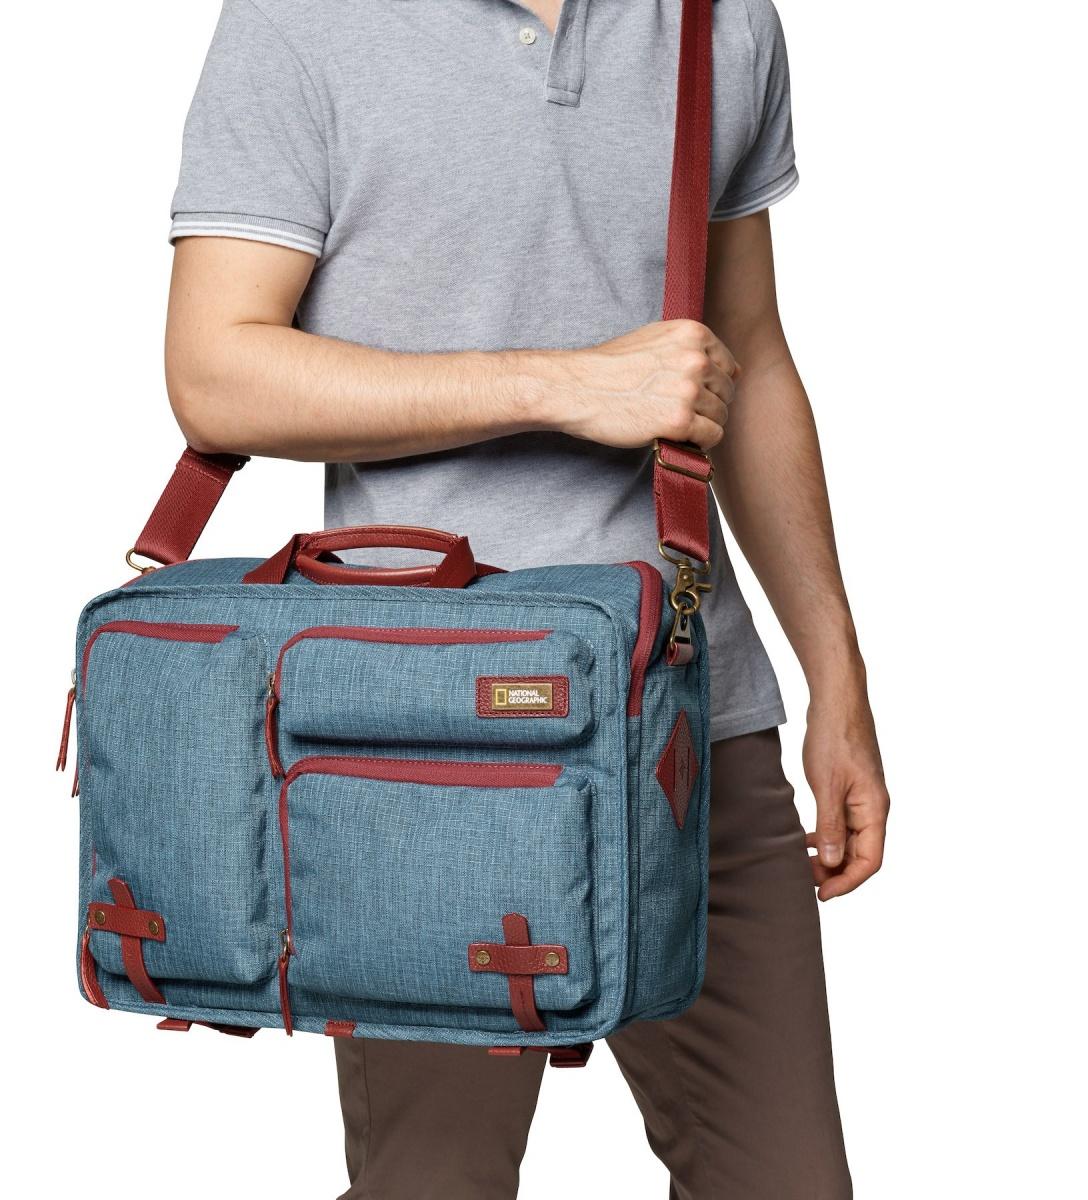 8b6088933759 Плечевые сумки NG Australia 3-Way Backpack (NG AU 5310) – купить в ...